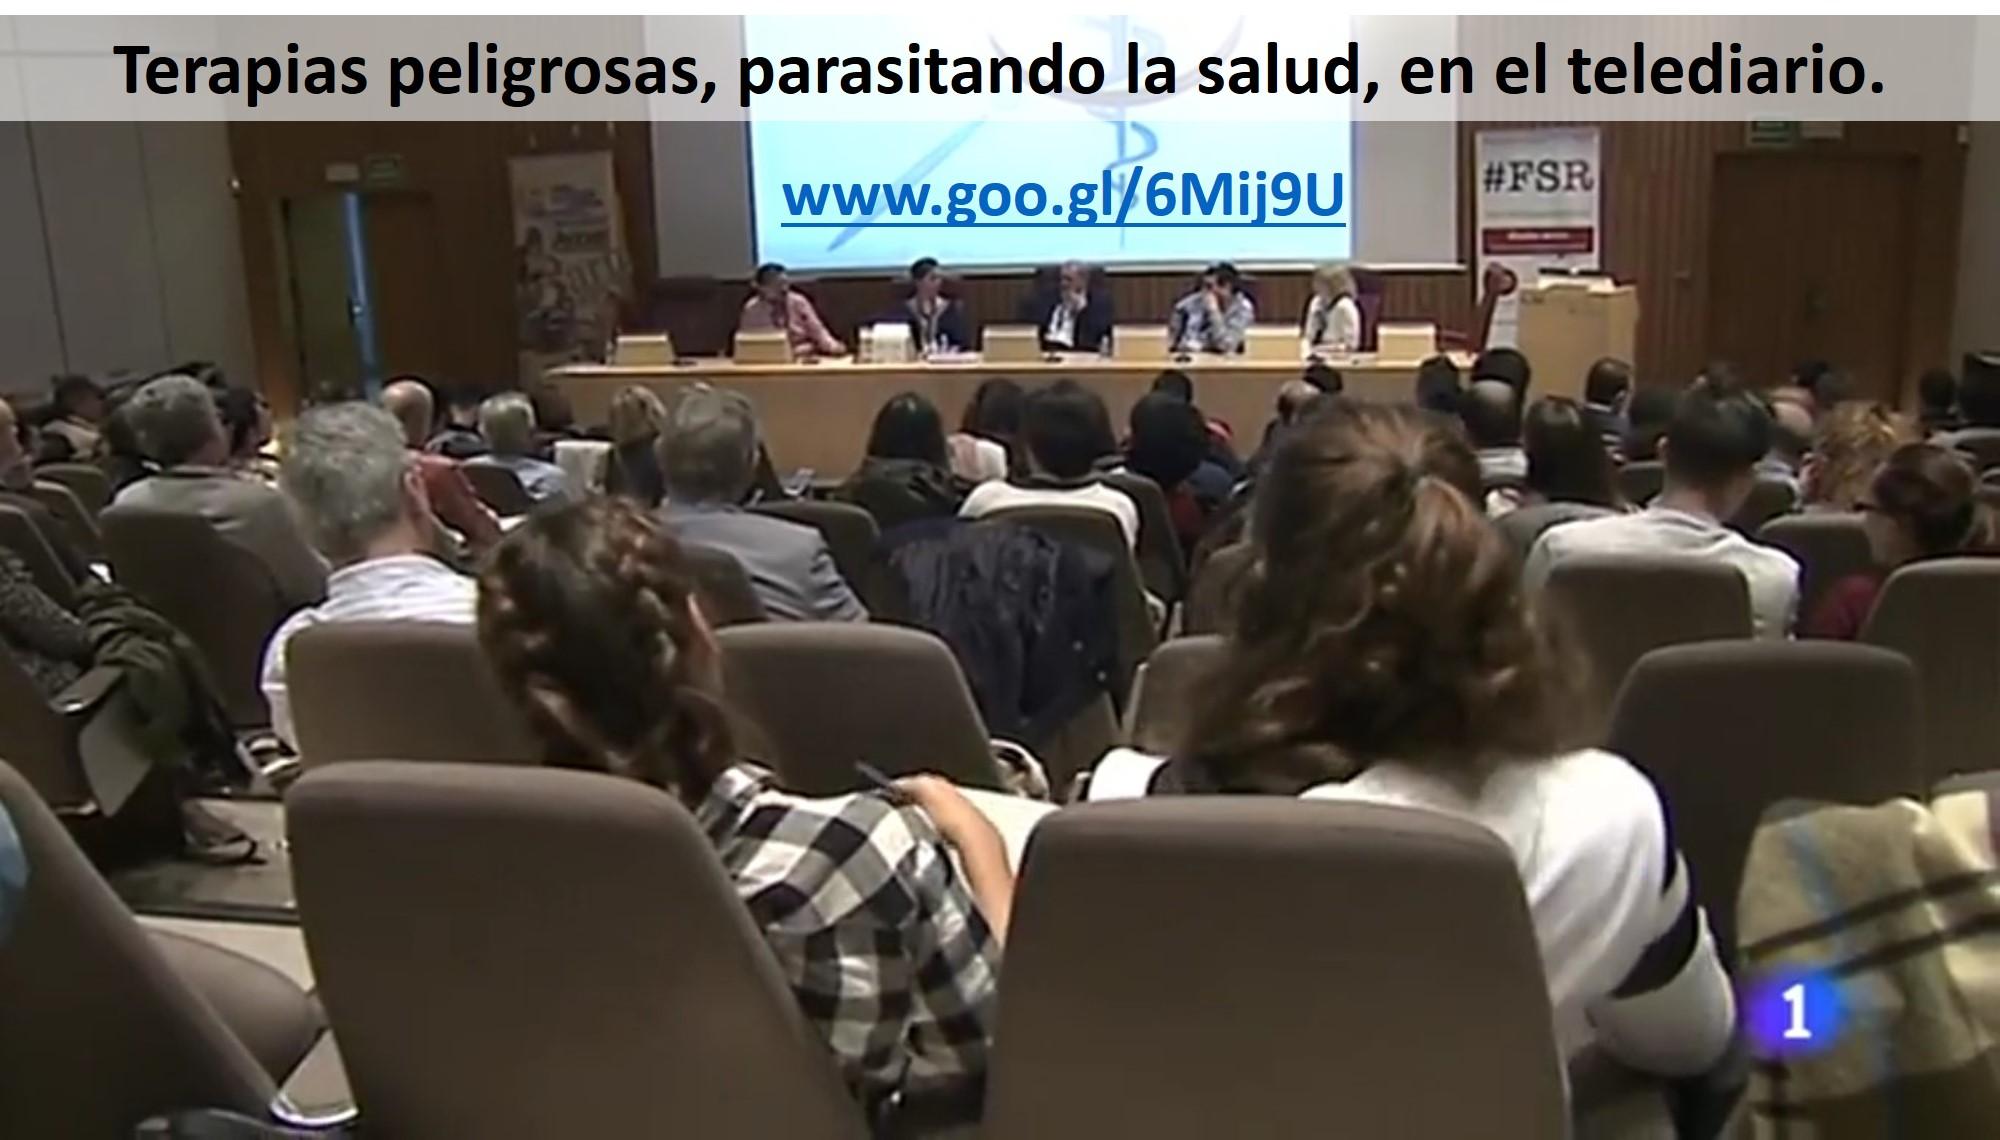 Terapias Peligrosas: parasitario la salud. Noticia del evento en TVE.